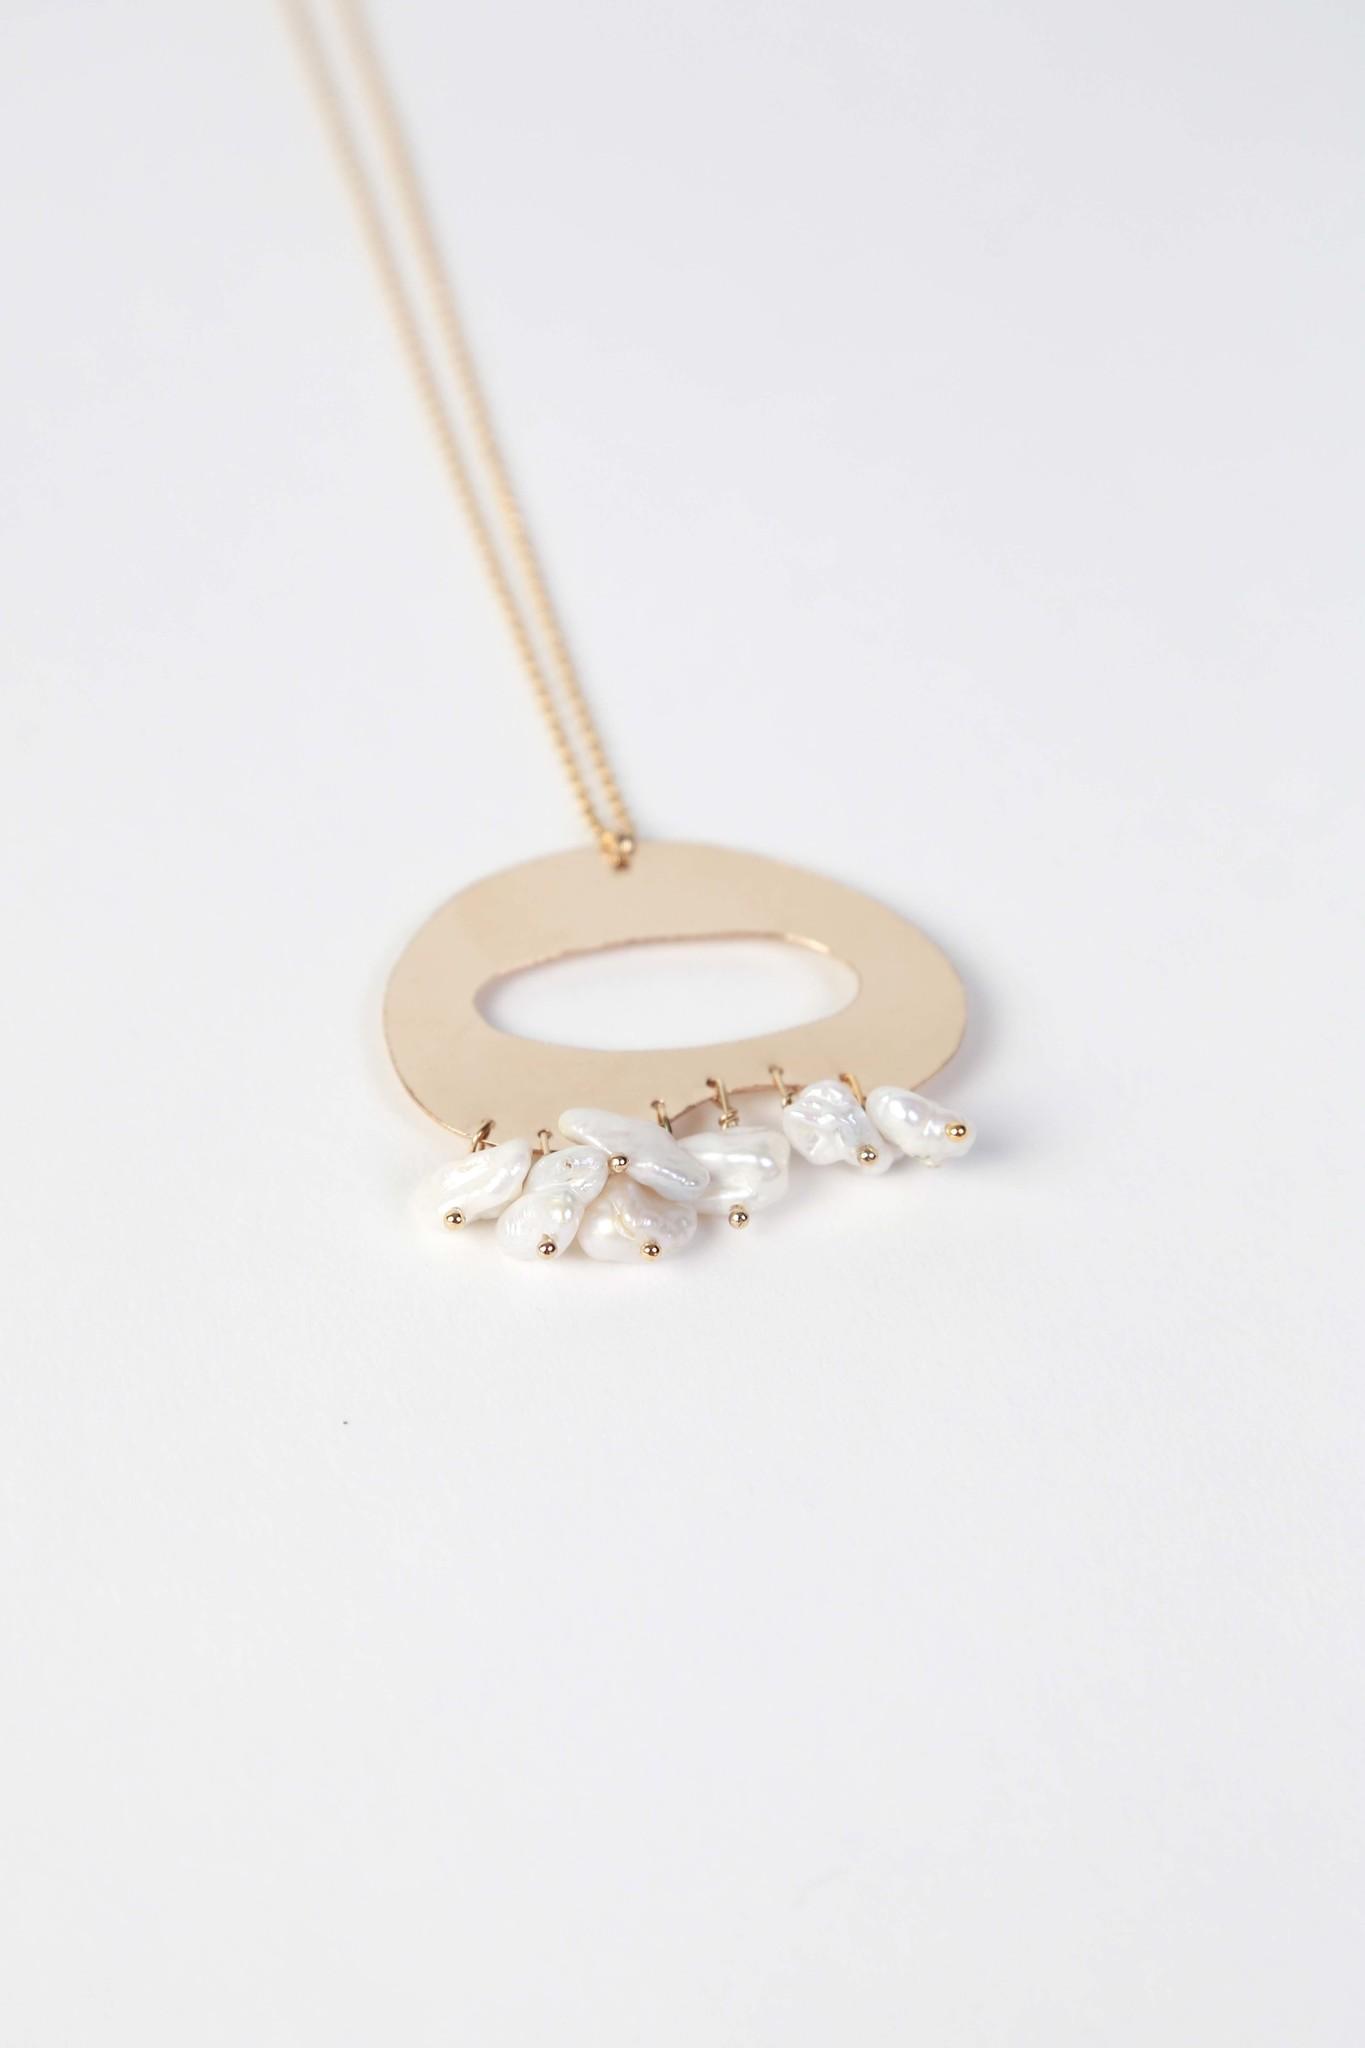 Chertova Tranquility Necklace, 14k Gold Filled